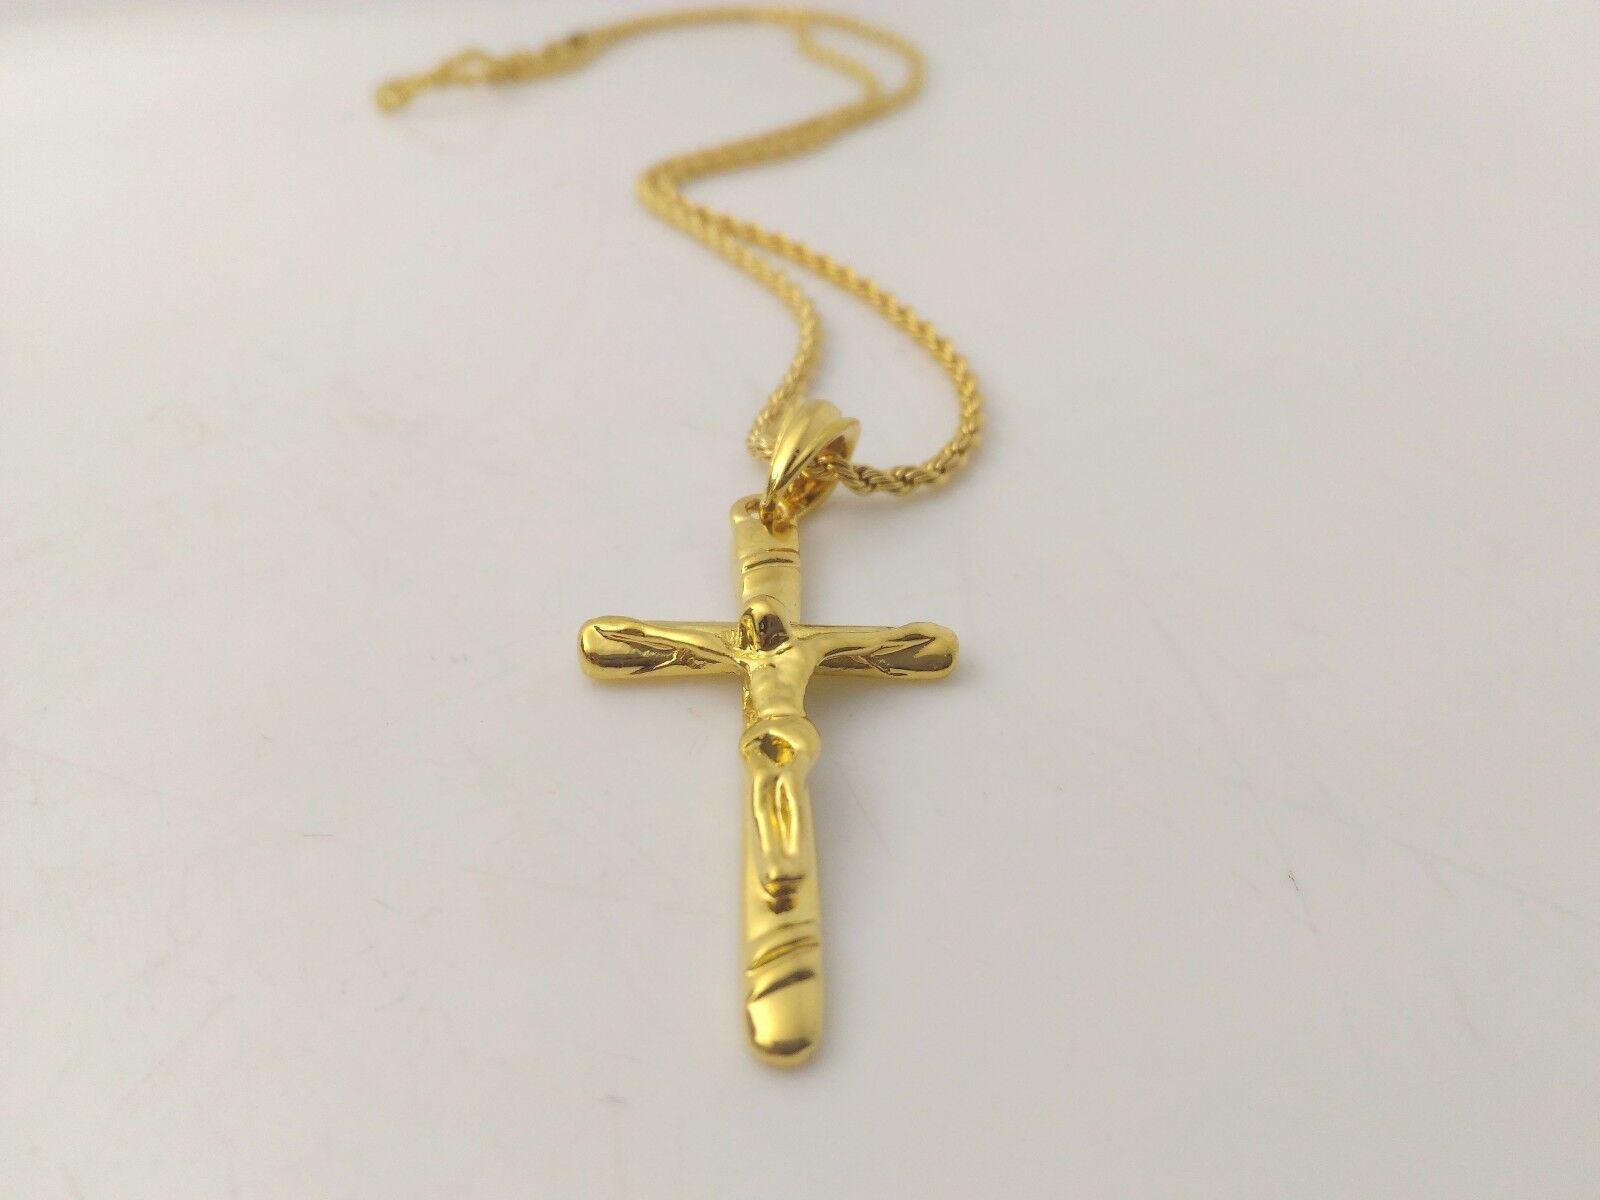 Collana Ciondolo Croce Oro Gioielli Unisex Uomo Donna Crocifisso con cristo